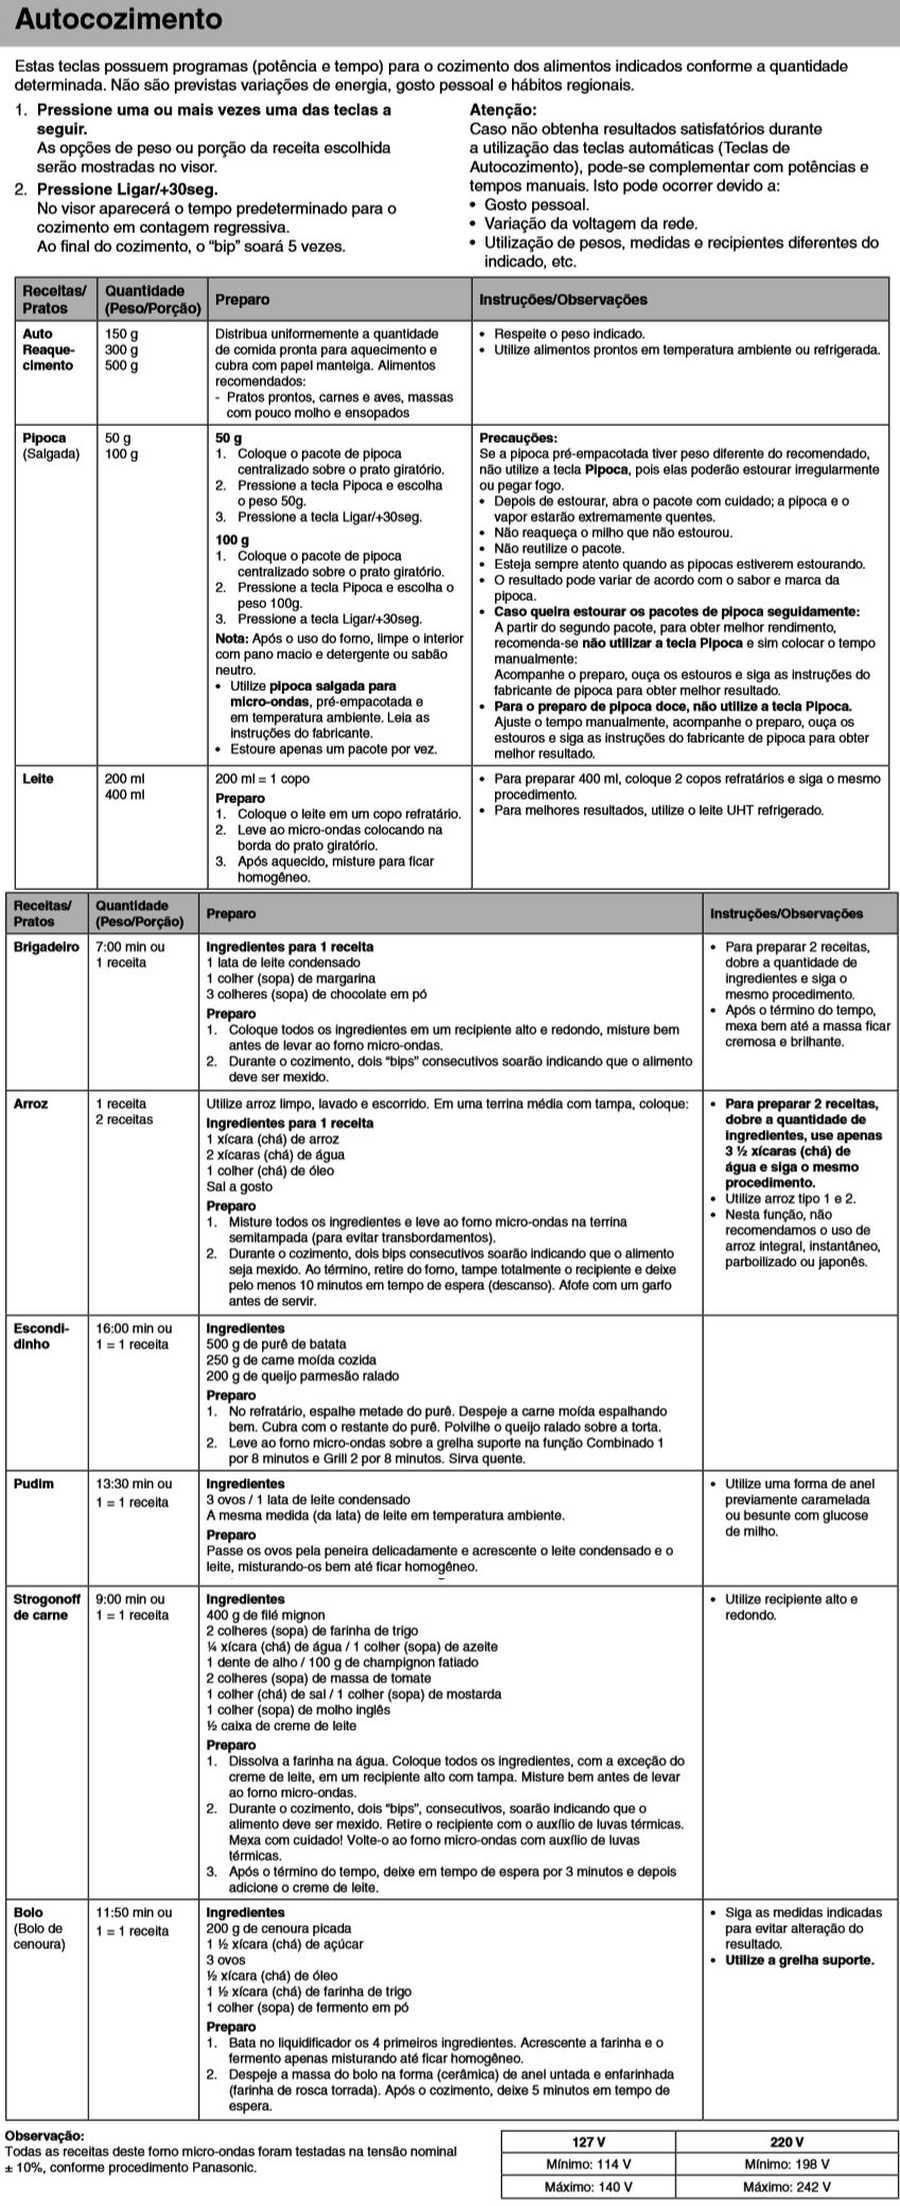 Manual de instruções do microondas Panasonic NN-GT68H - Autocozimento